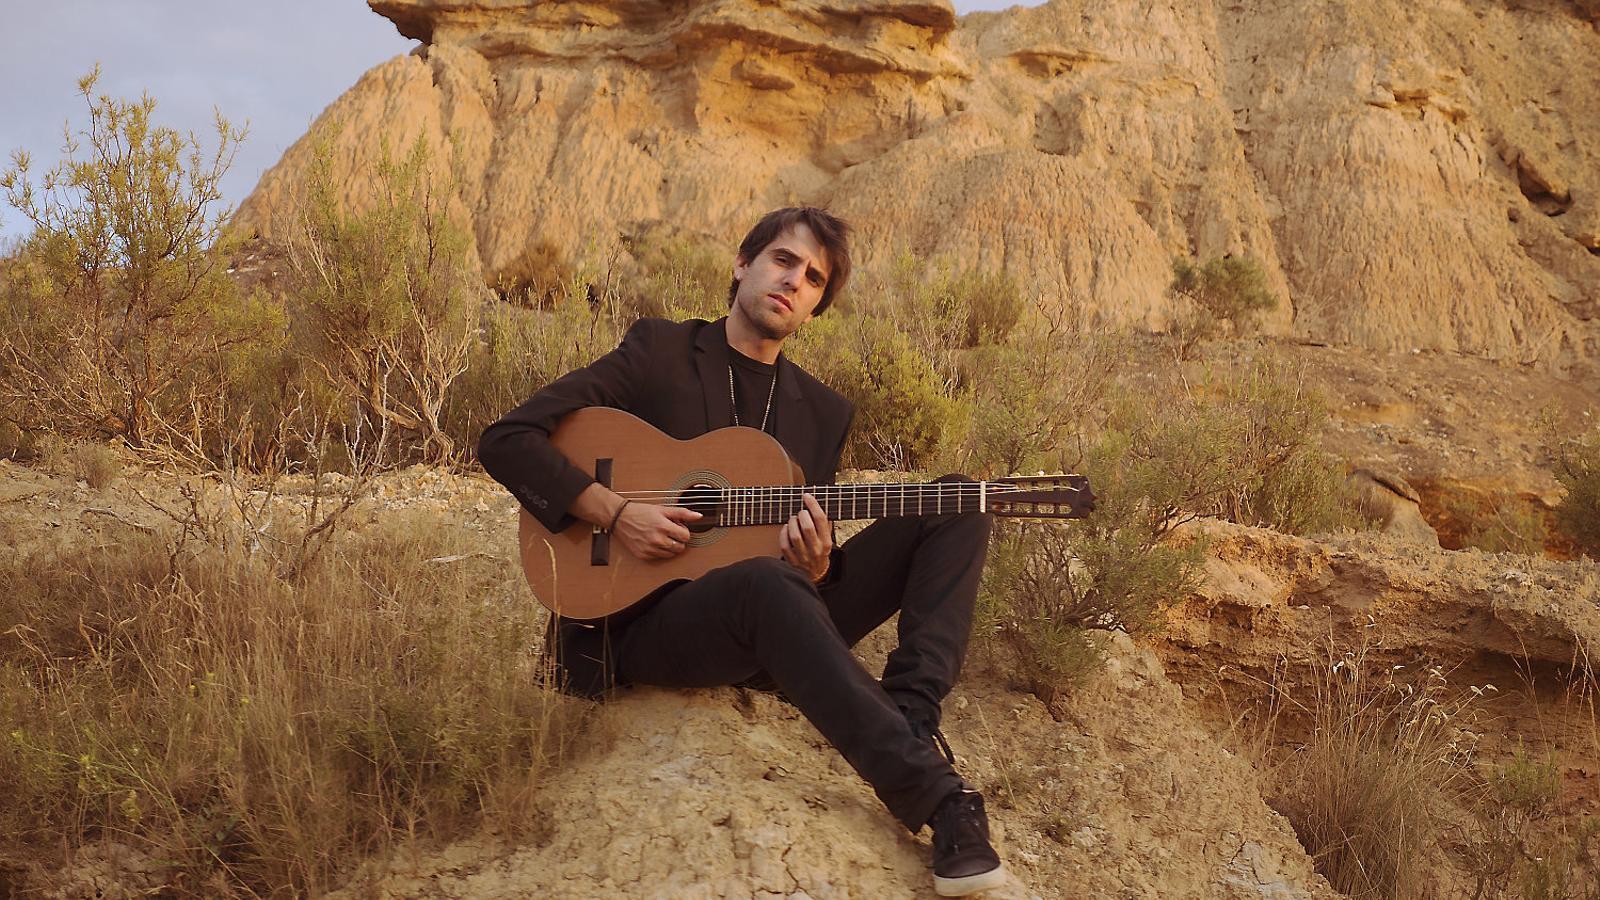 El guitarrista barceloní Pau Figueres al desert dels Monegres en una fotografia promocional del disc Nada nuevo bajo el sol.